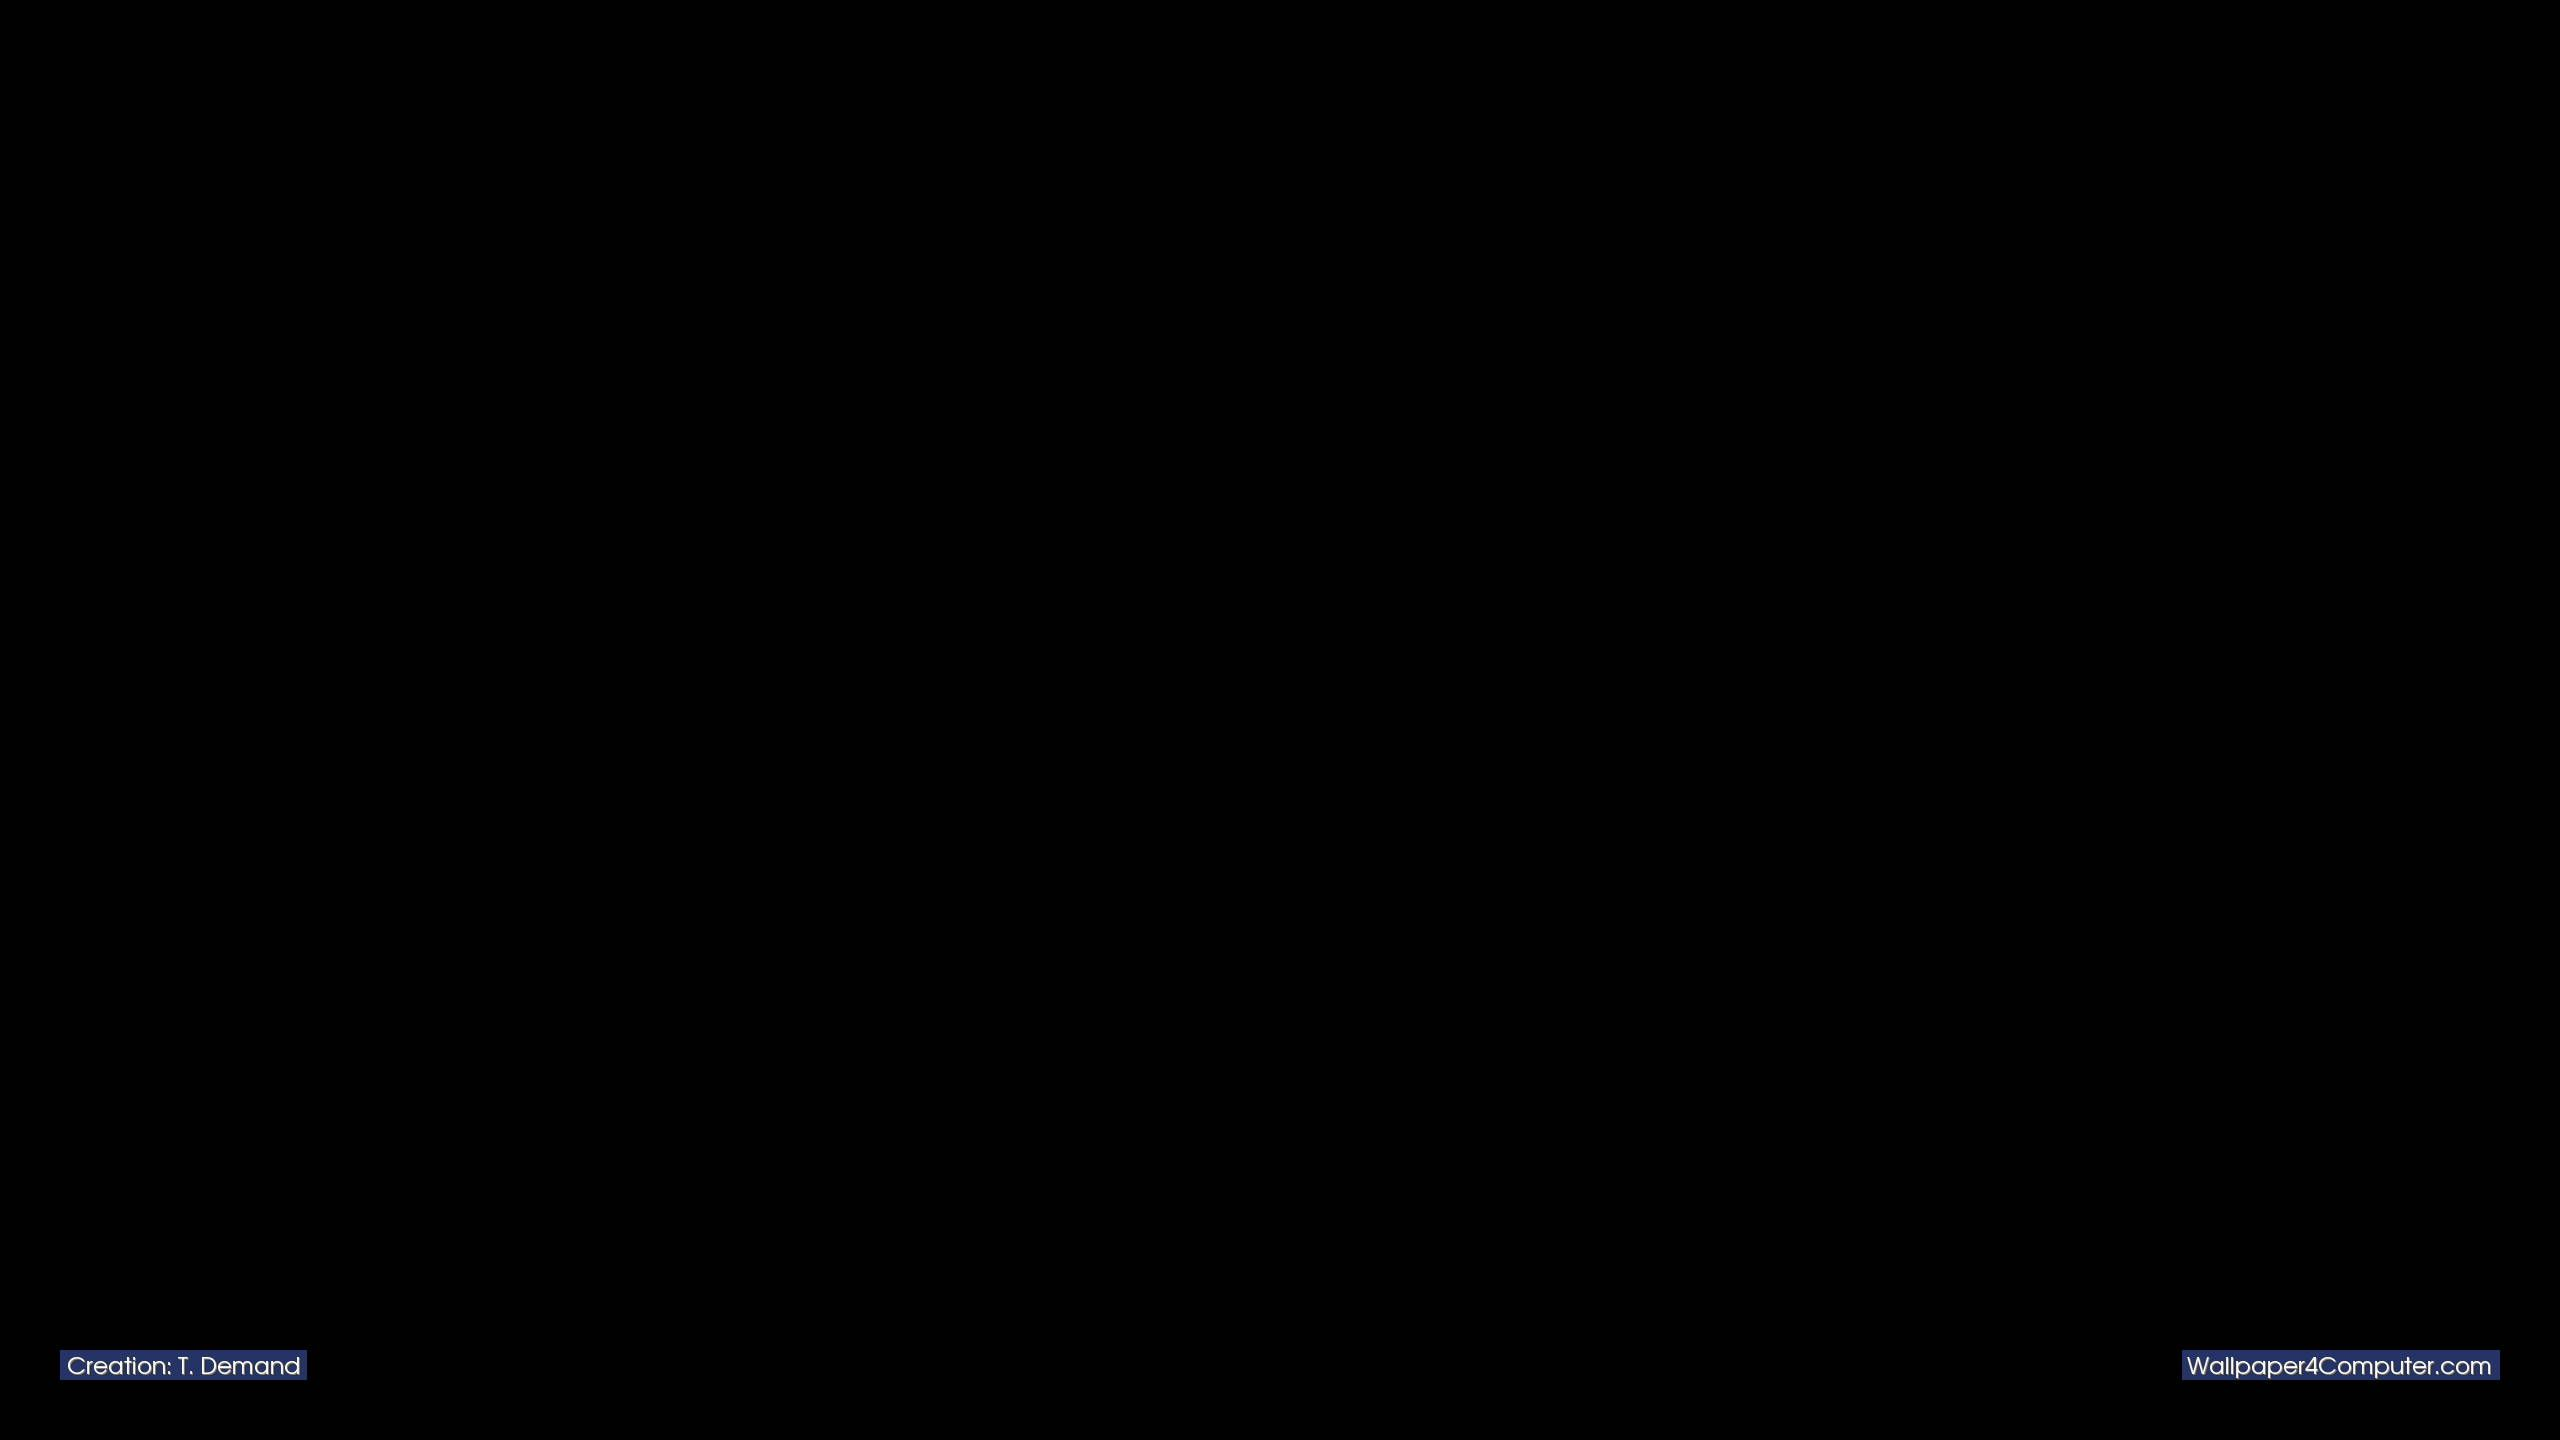 Fond D écran Stylé 2560x1440